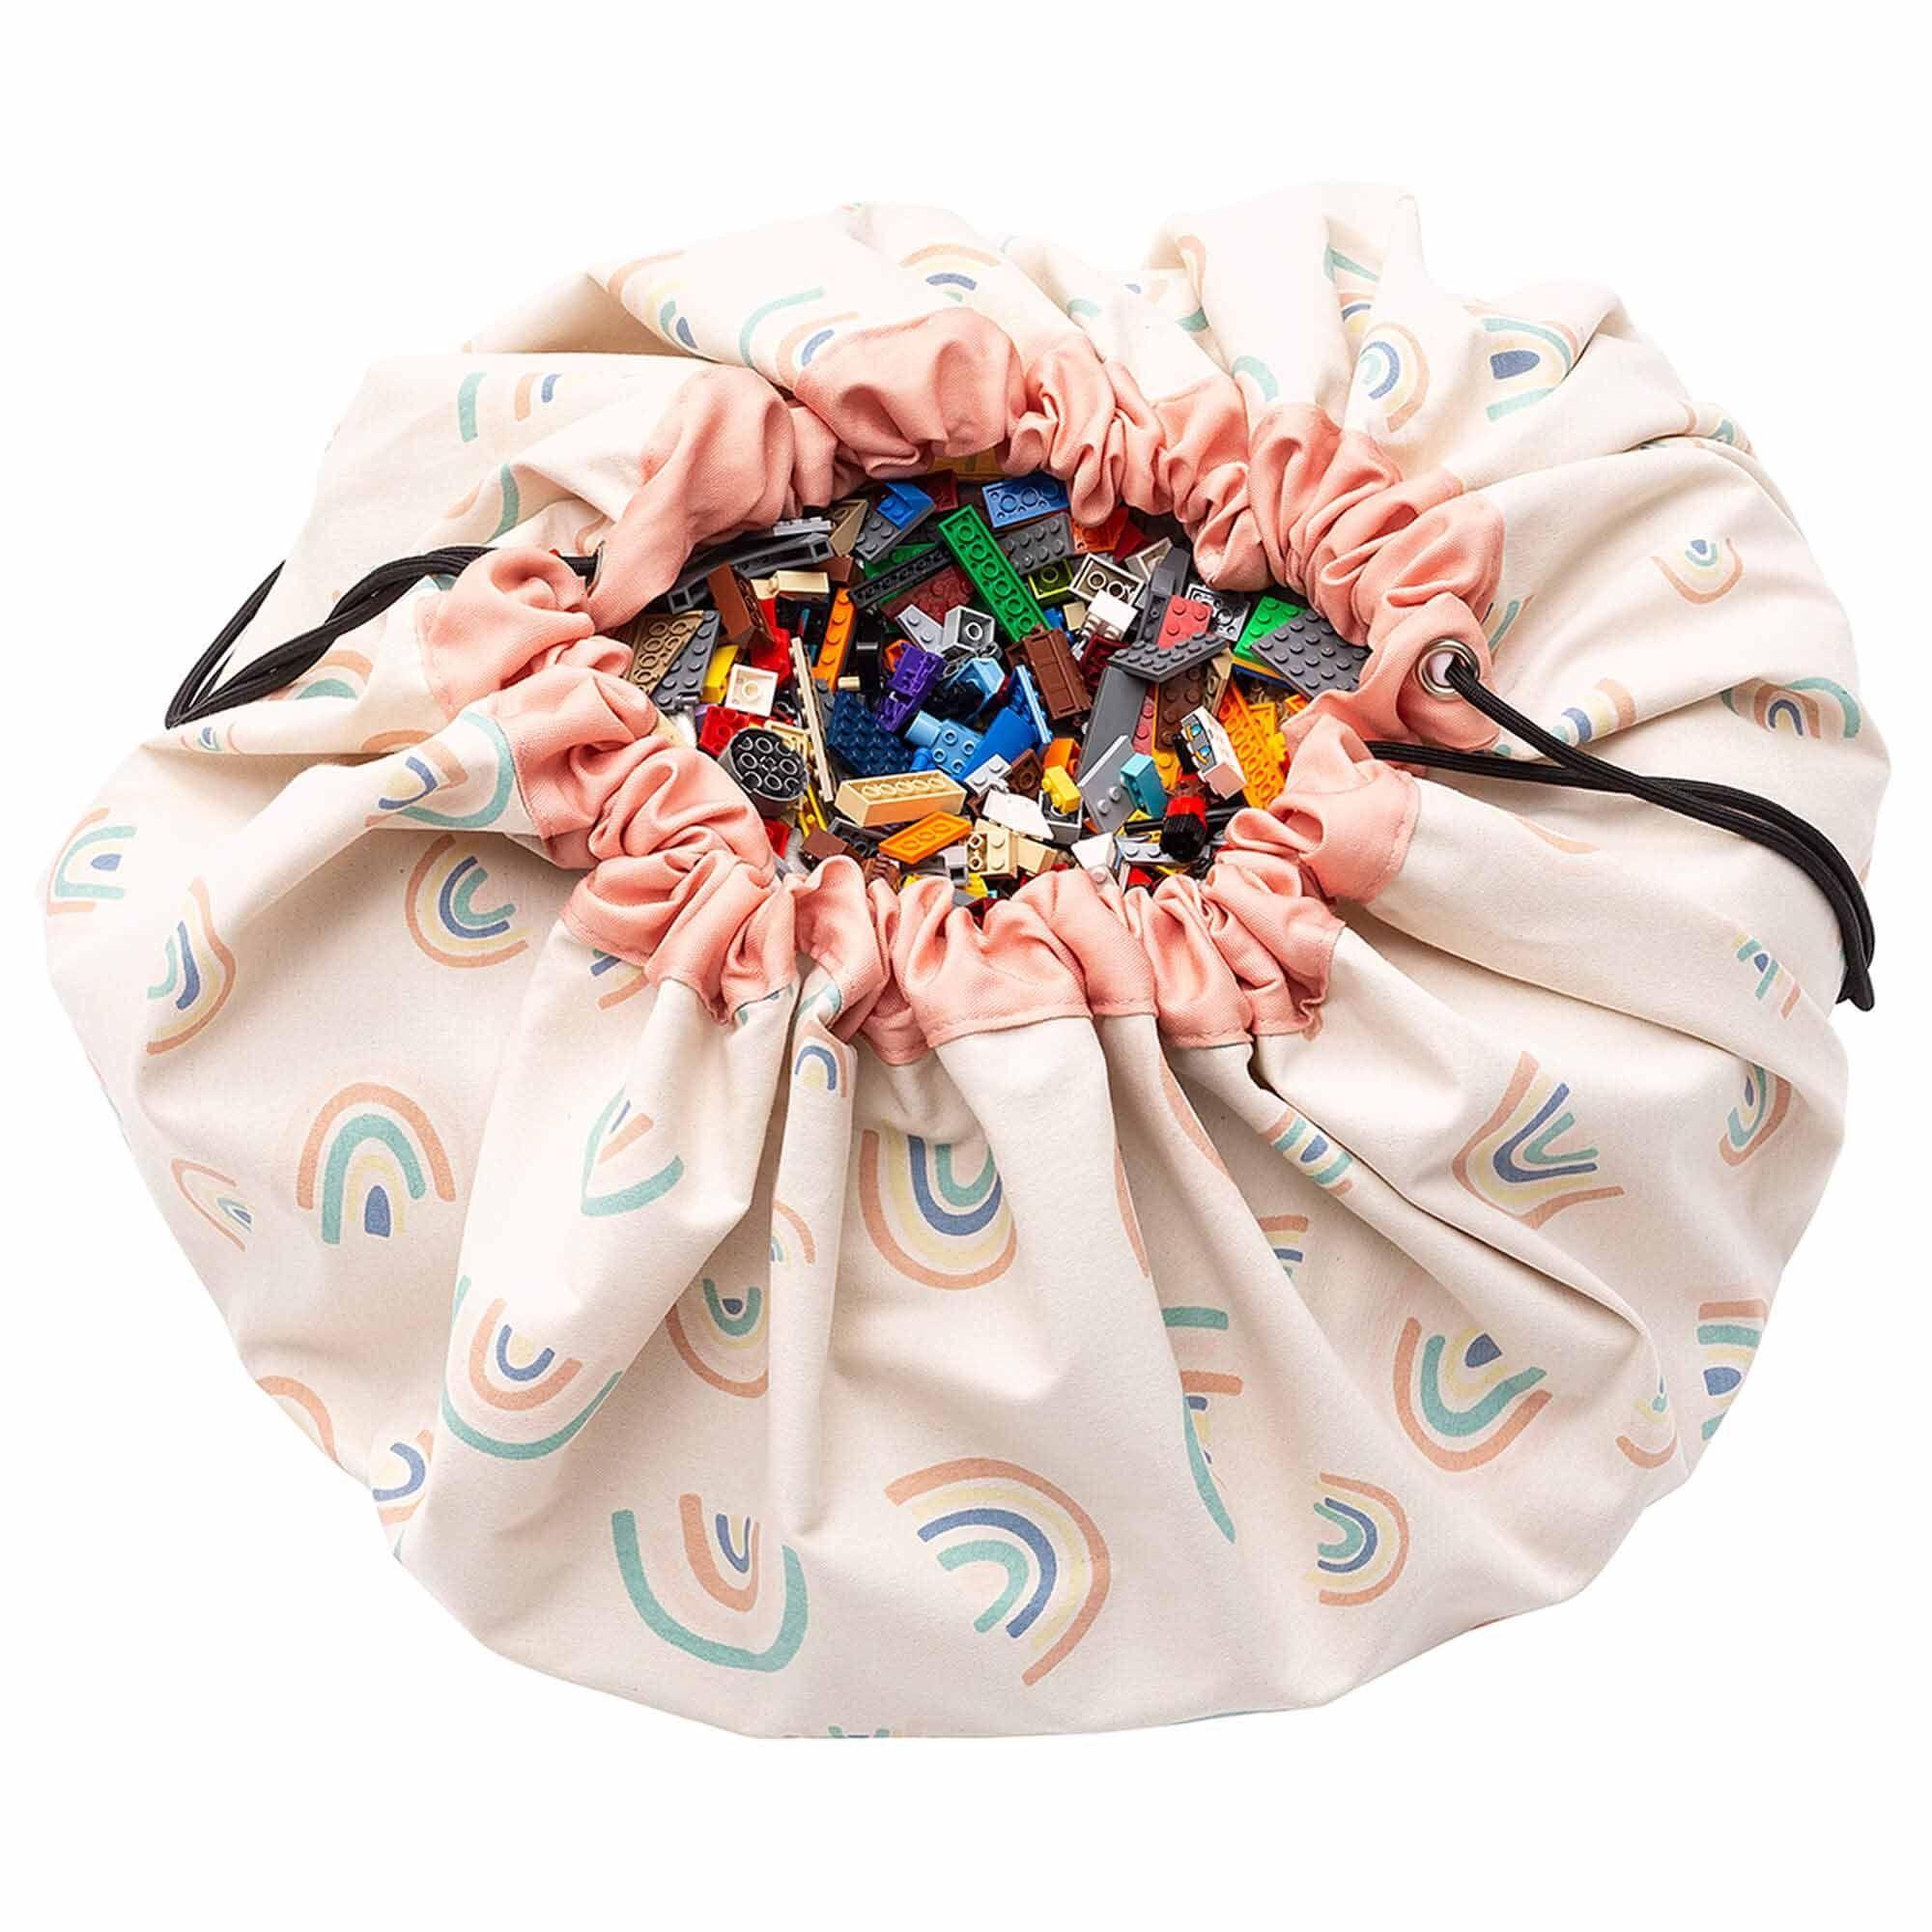 Grand sac à jouets 2 en 1 Rainbows